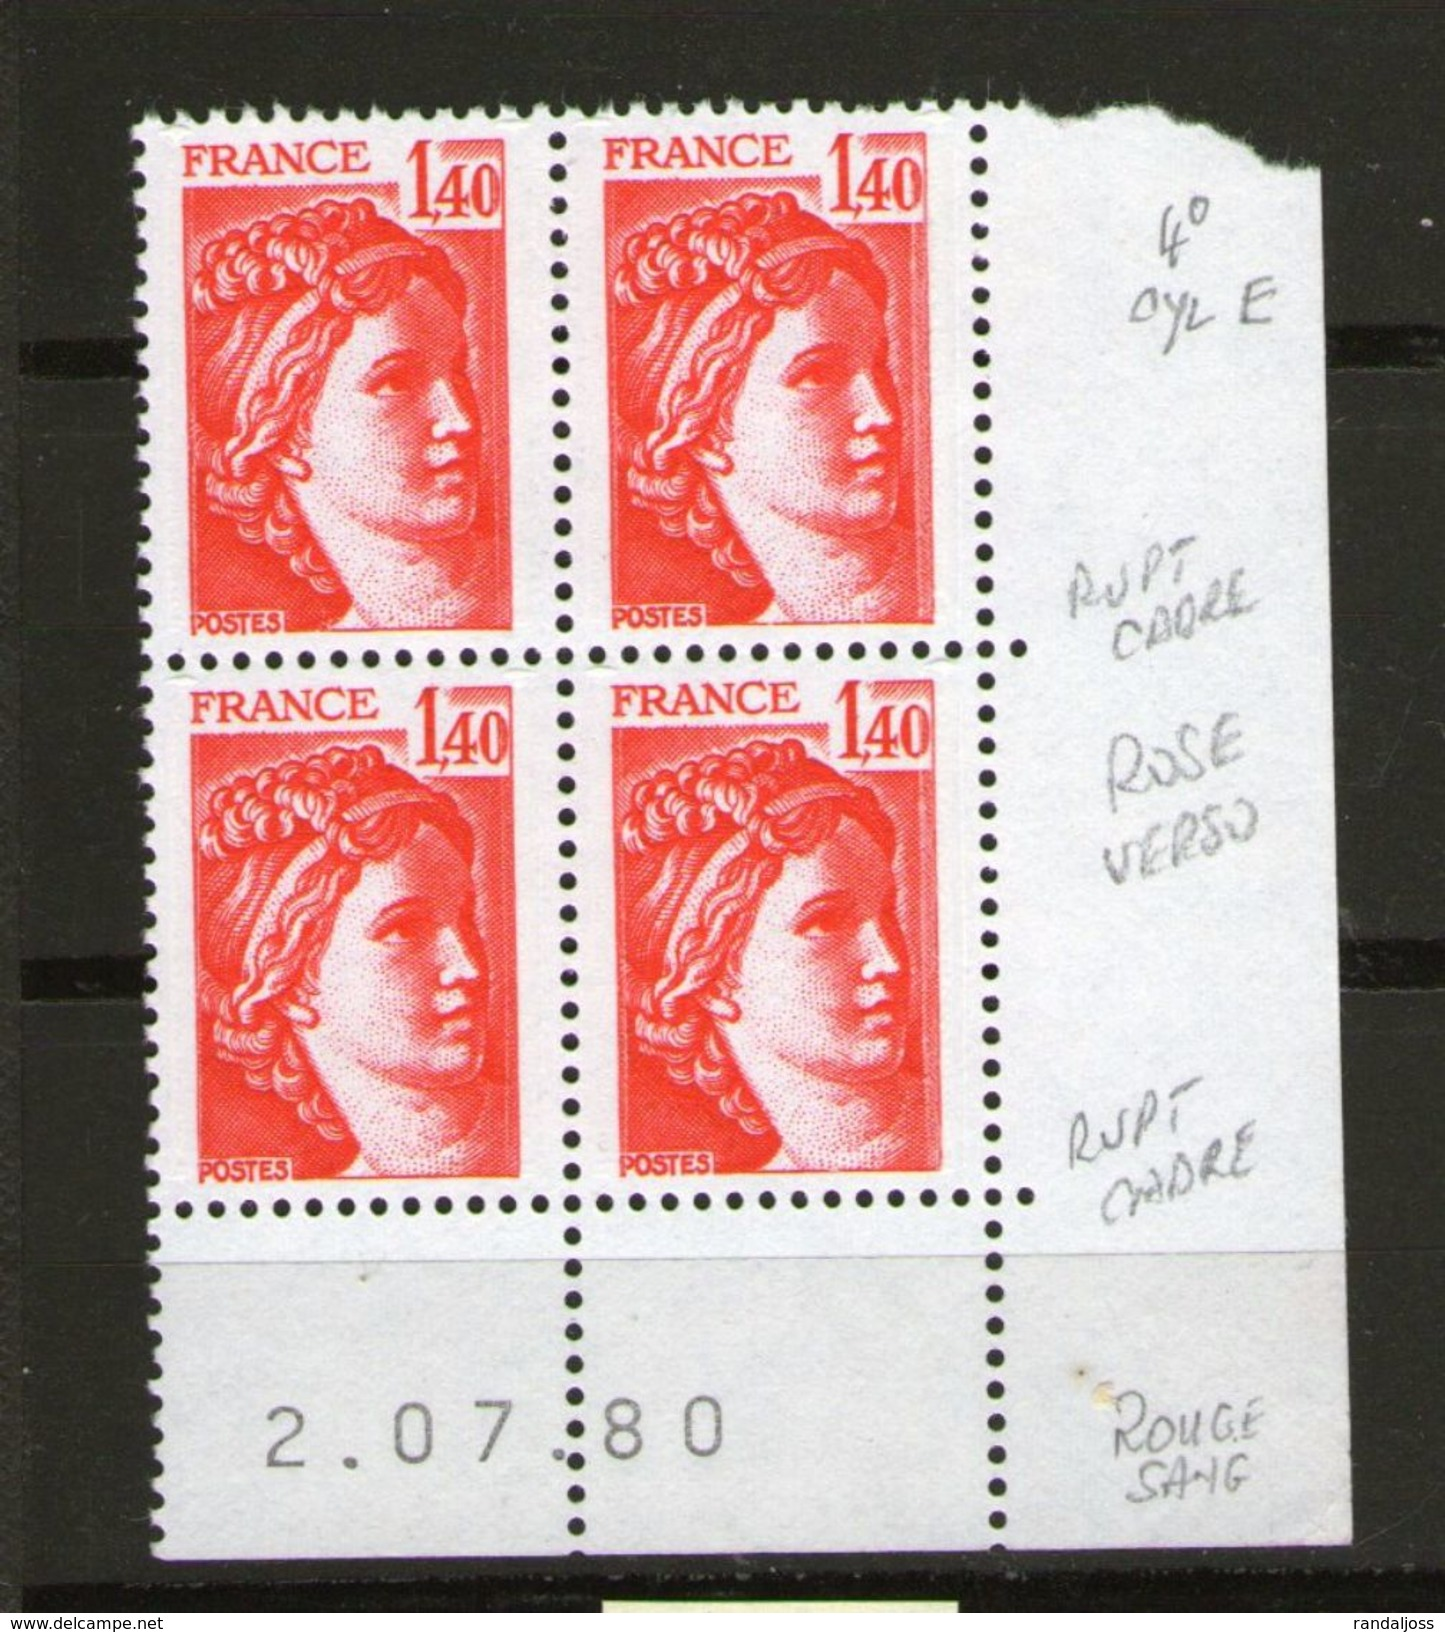 Sabine 2102**_2/7/80_4° Tirage De 3 Jours_rouge Vif - Dated Corners